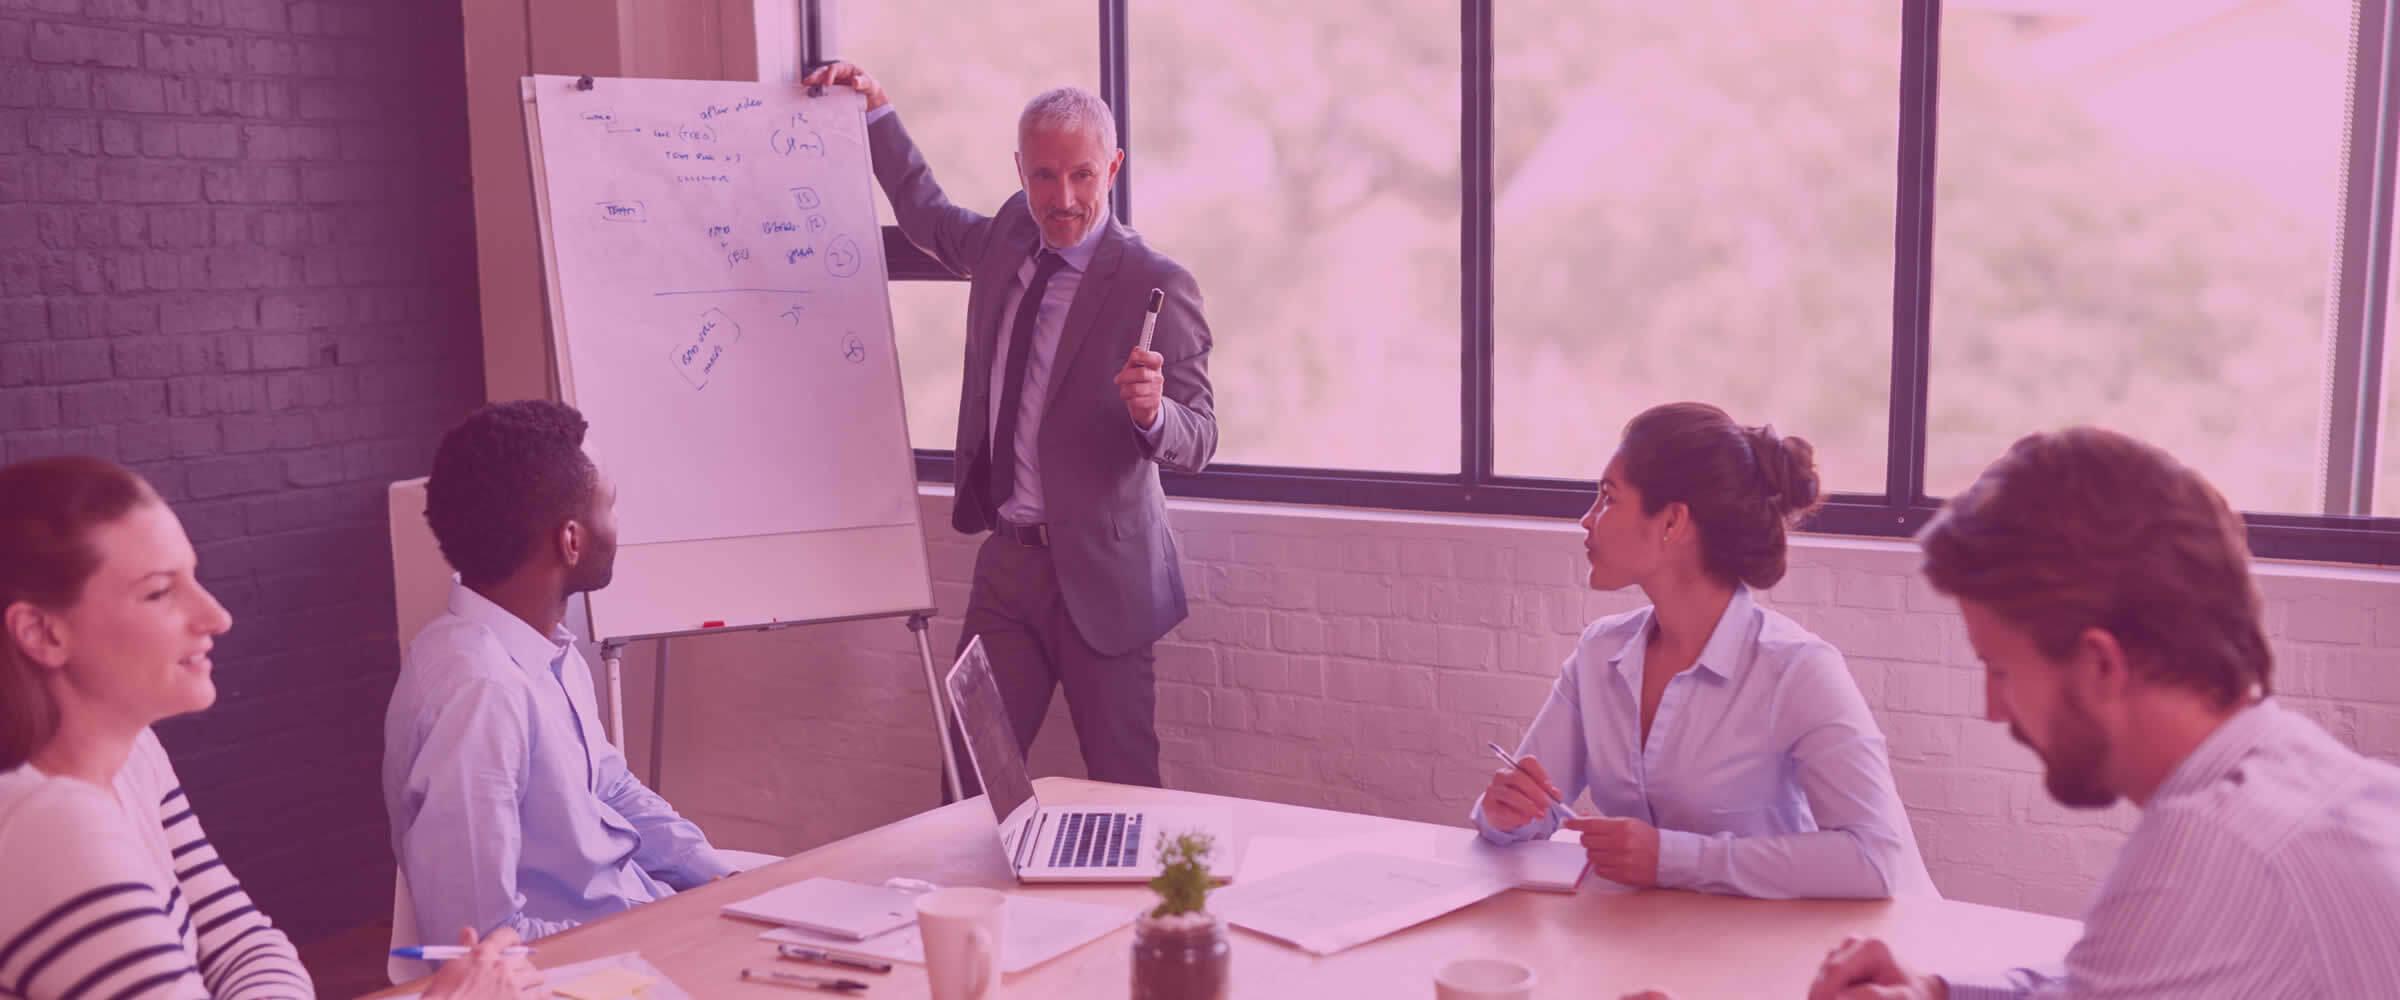 Teacher Training at Whiteboard